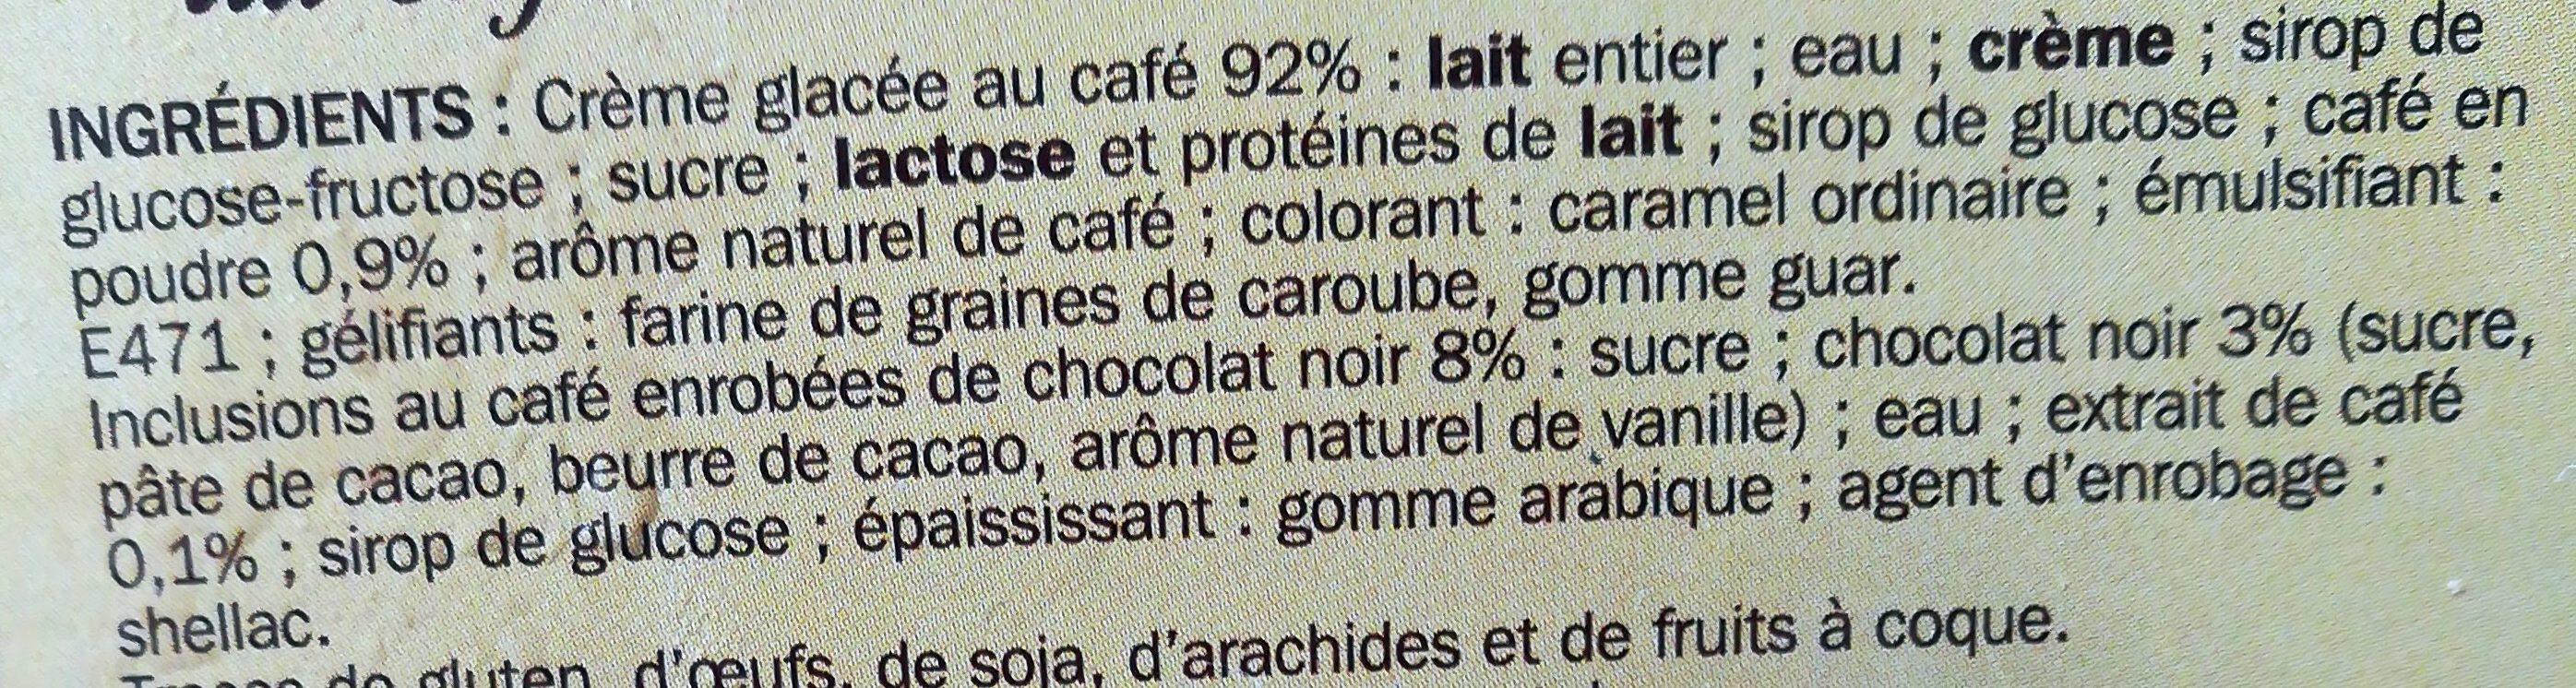 Crème glacée café - Ingrédients